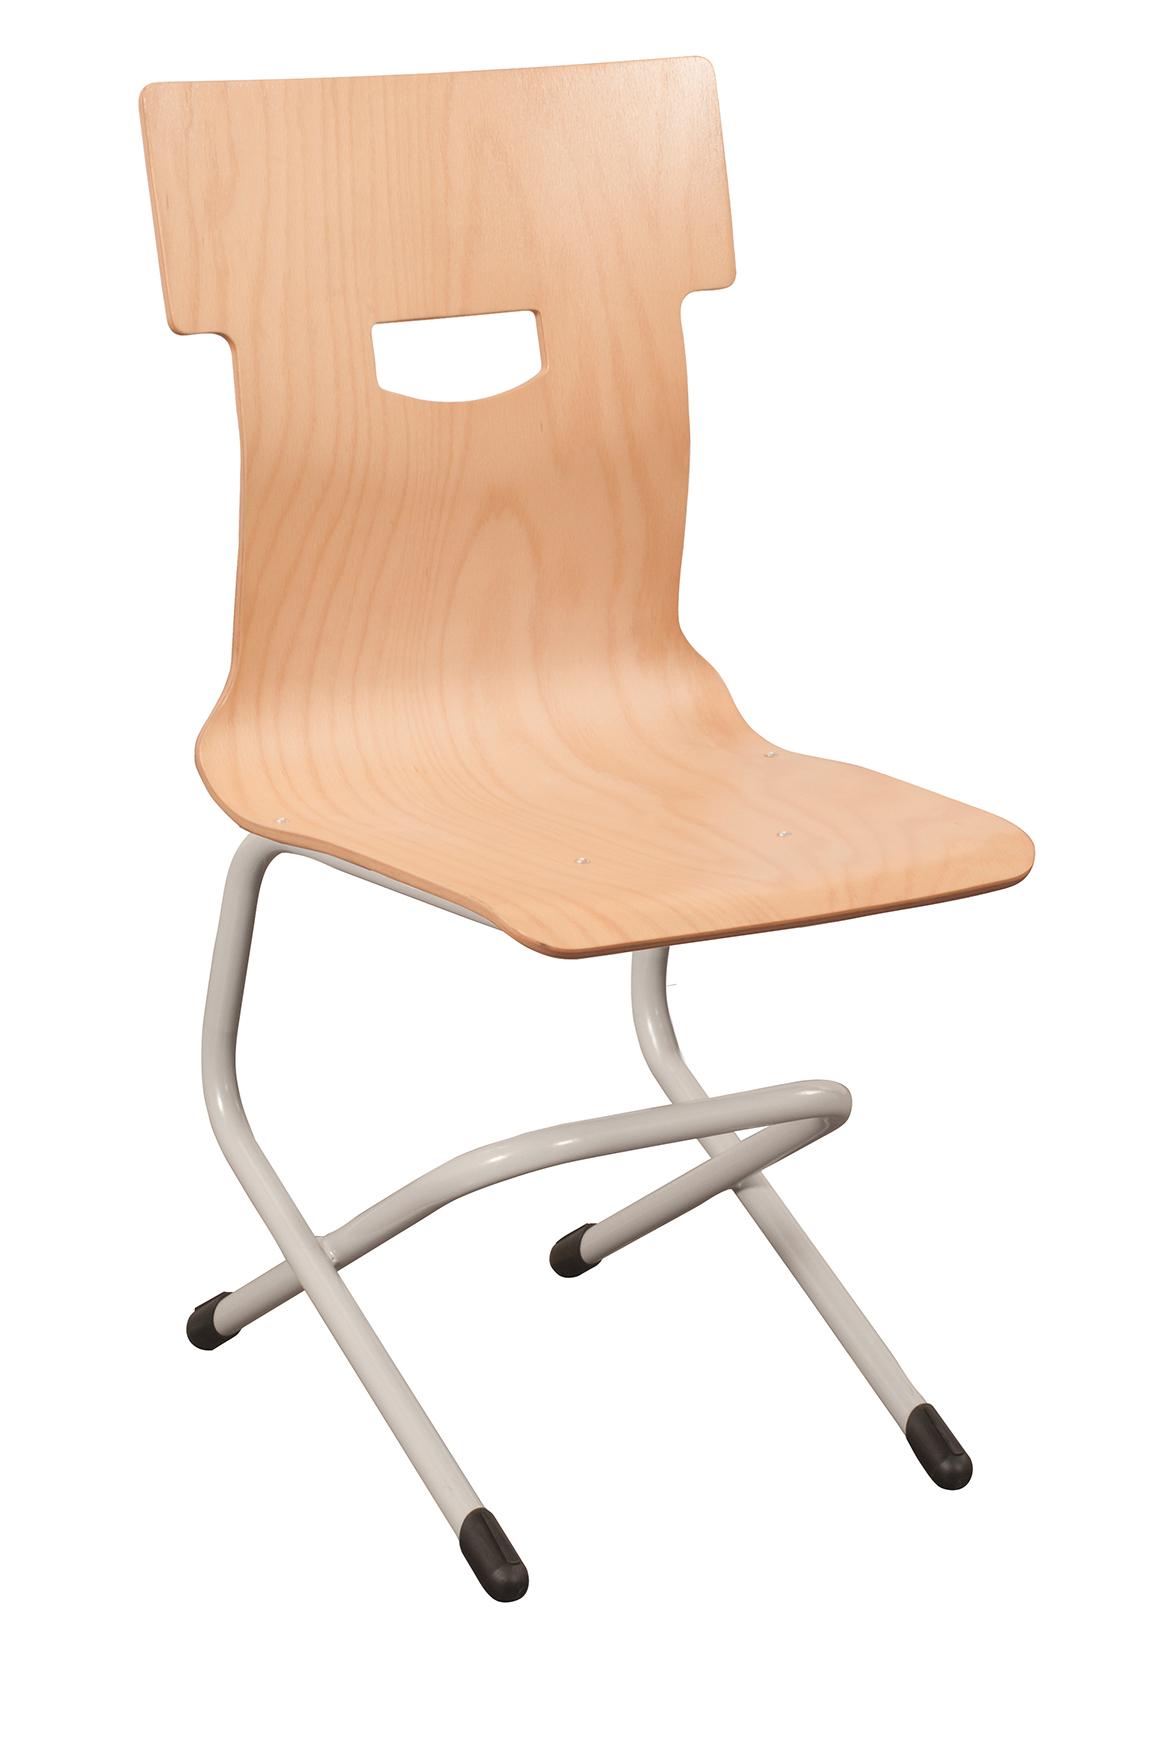 chaise coque chaise coque bois chaise coque bois chaise coque pas cher chaise gbm modale myriad. Black Bedroom Furniture Sets. Home Design Ideas